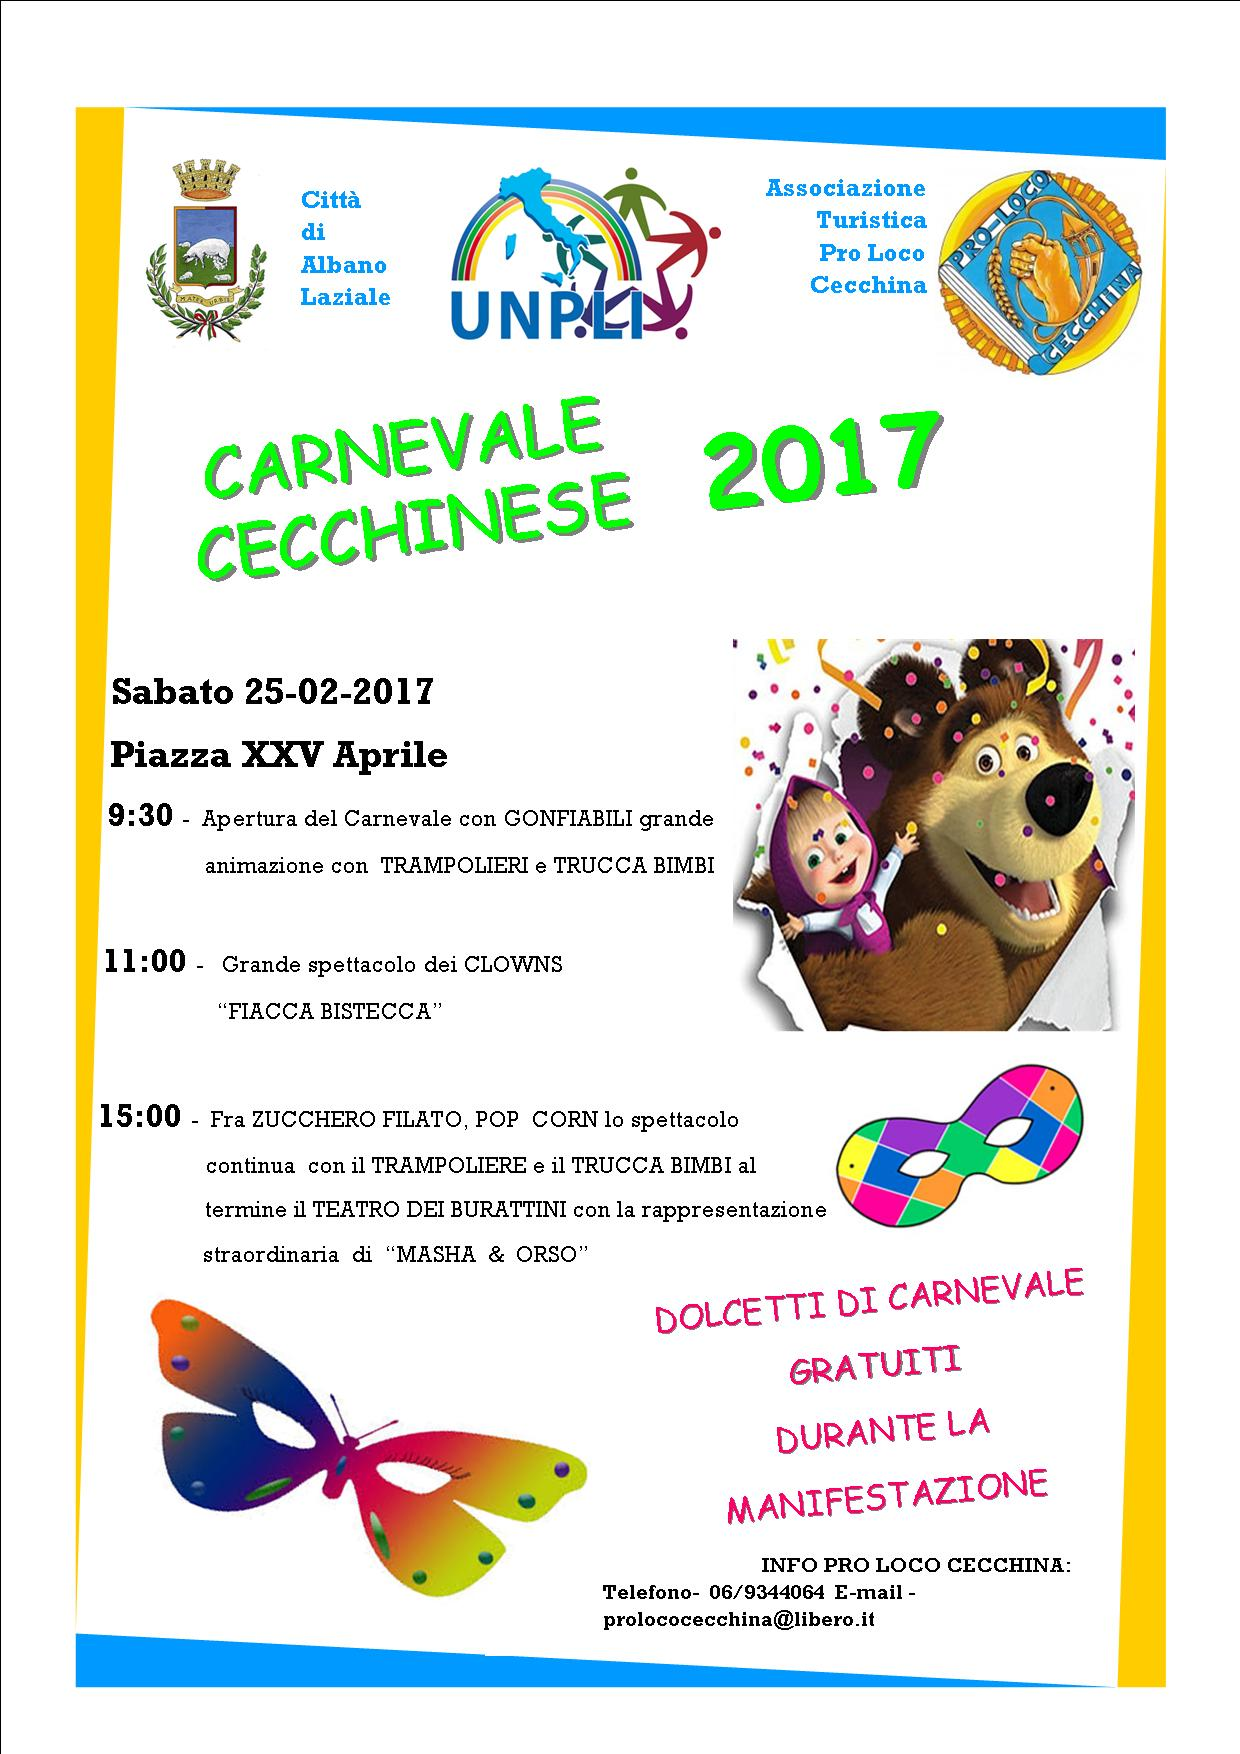 Locandina Carnevale Cecchinese 2017